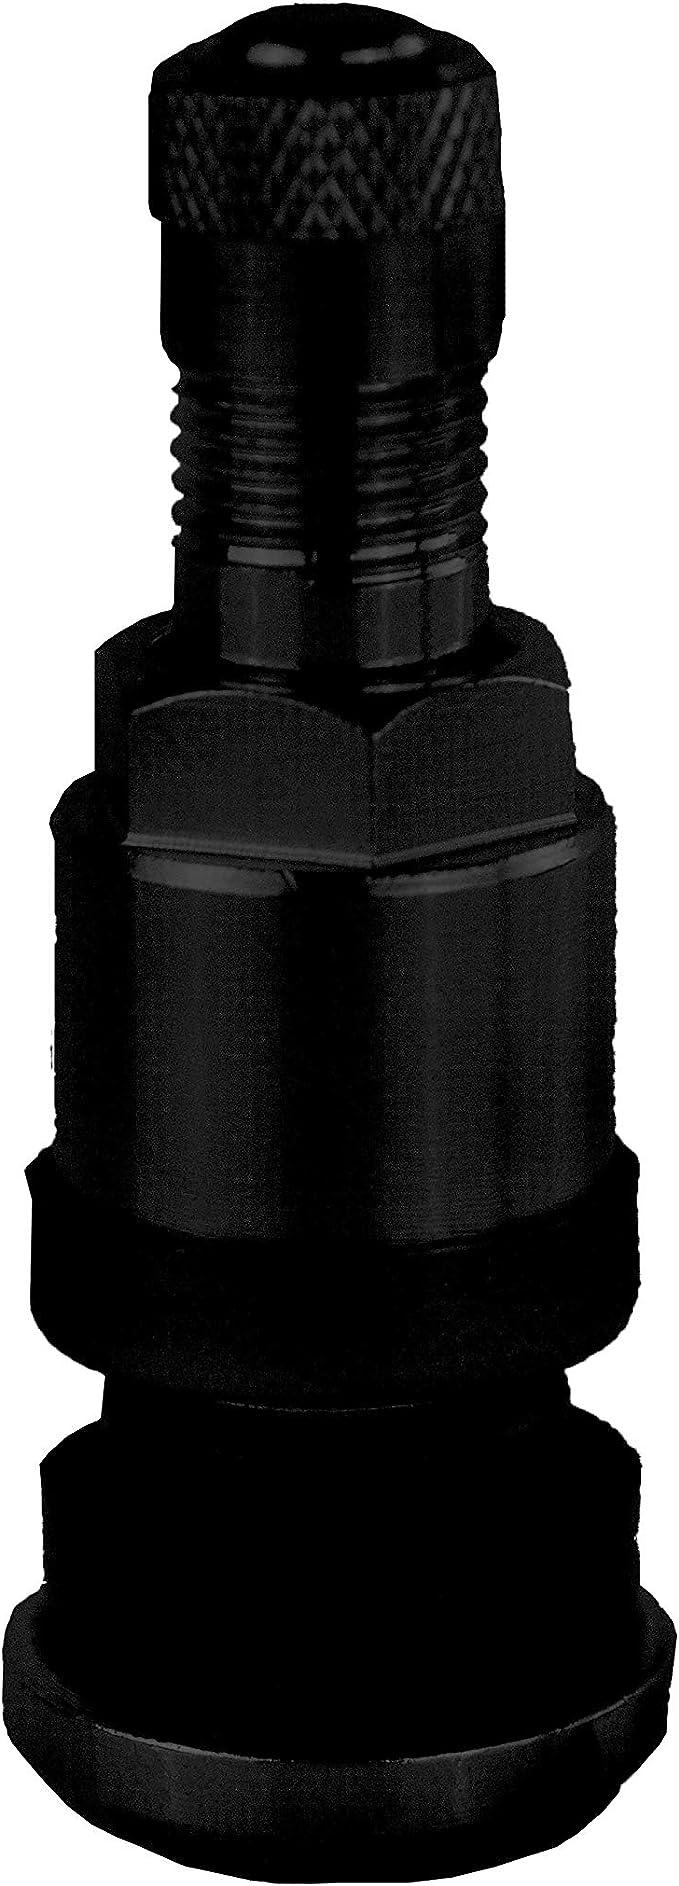 Tr416 Schwarz Metallventil Stahlventil Schwarz Ms525 Für 11 3 Felgenloch Mit 11 Sw Inkl Pvc Unterlegscheibe Beutel á 4 Stück Auto